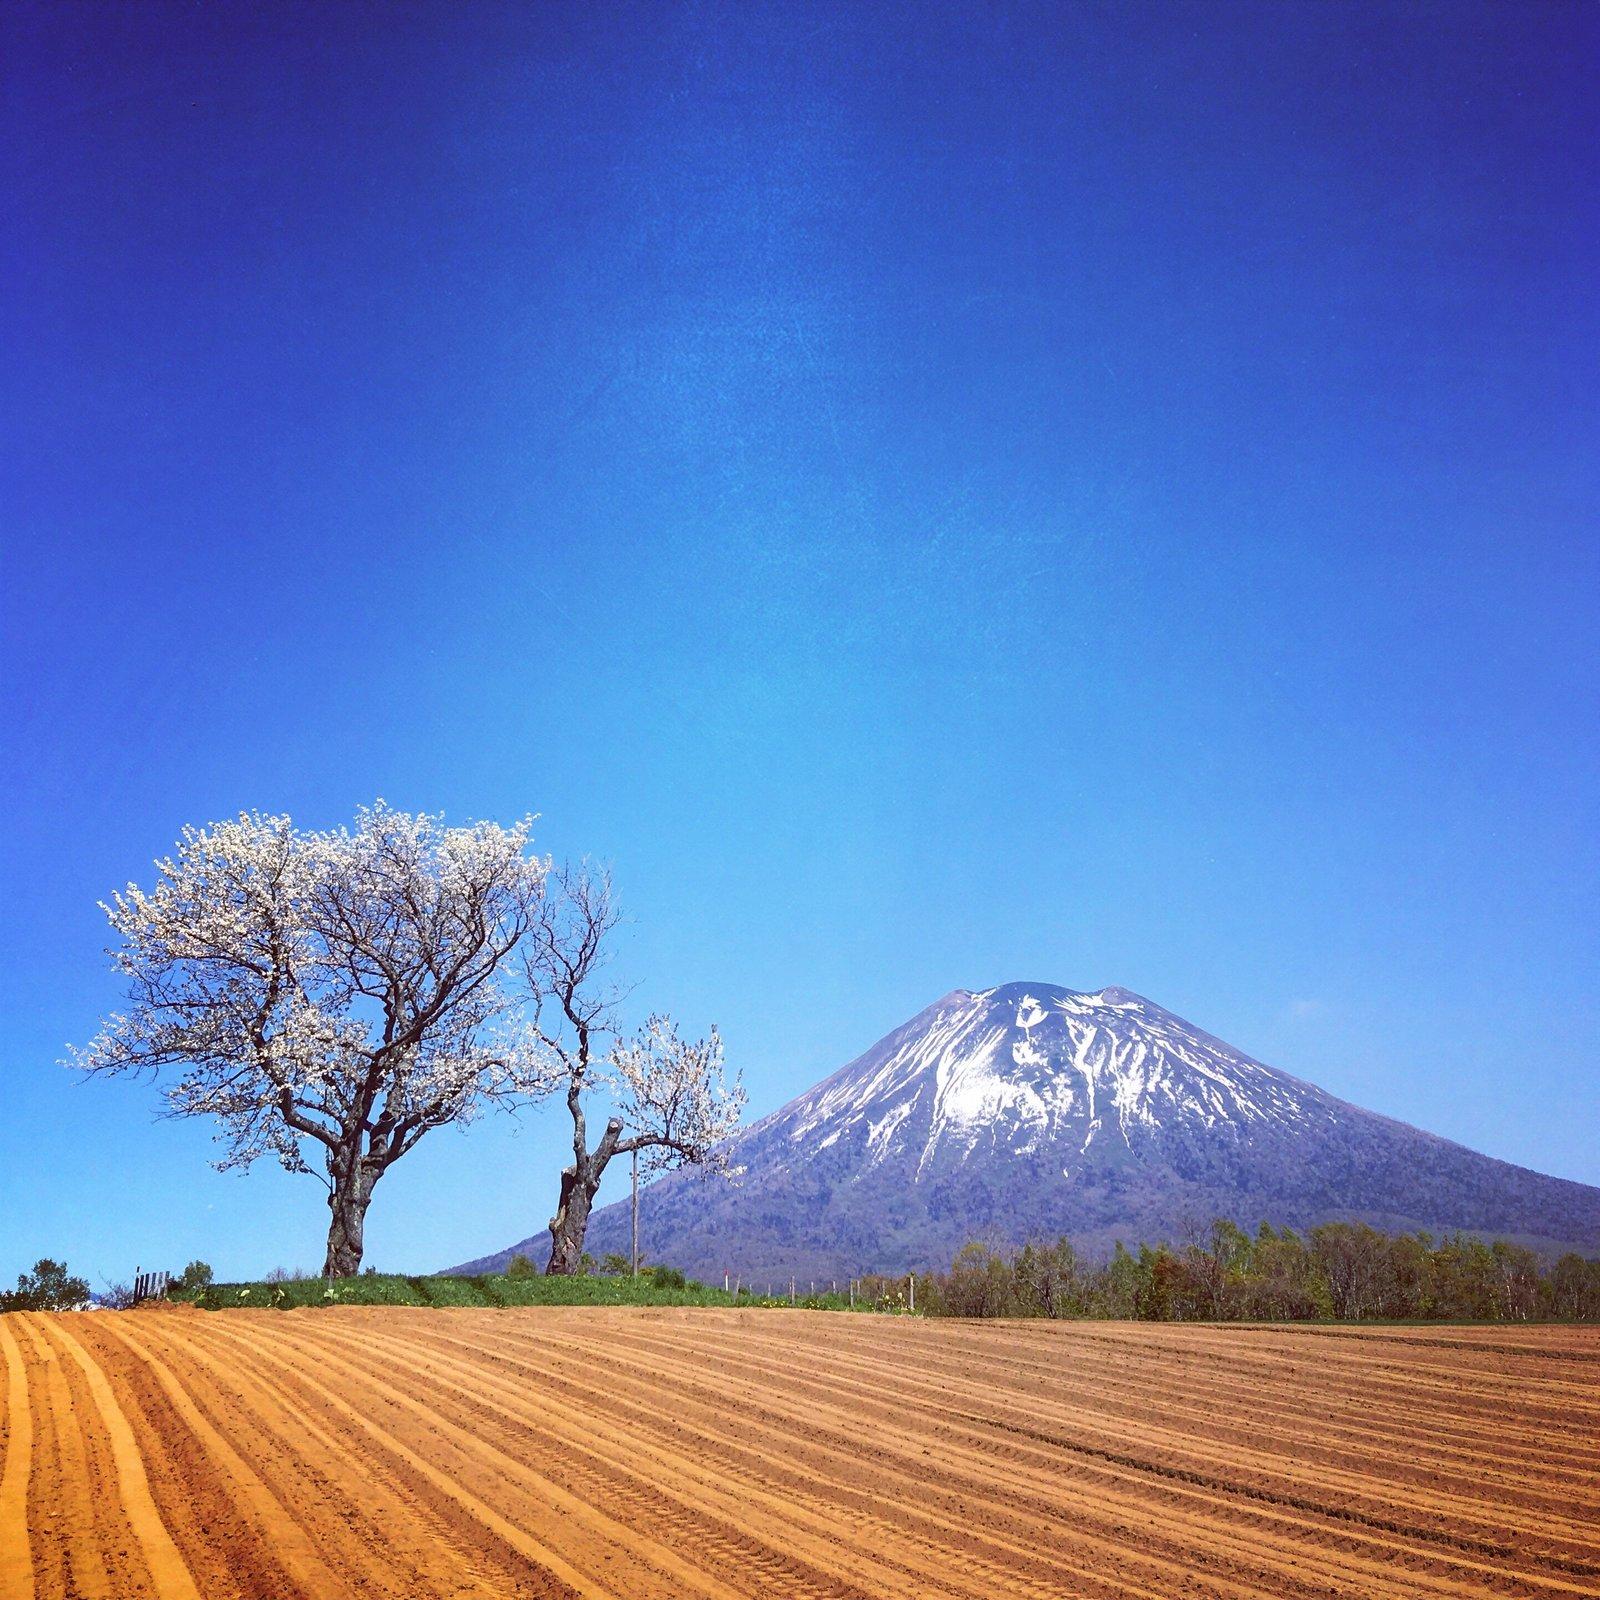 日本自由行羊蹄山